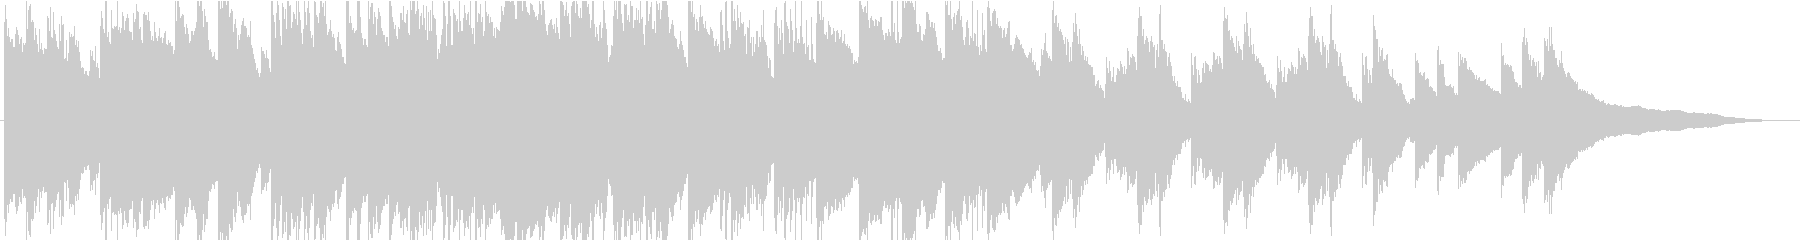 忍び寄る影…クラシック調の不気味なBGMの未再生の波形